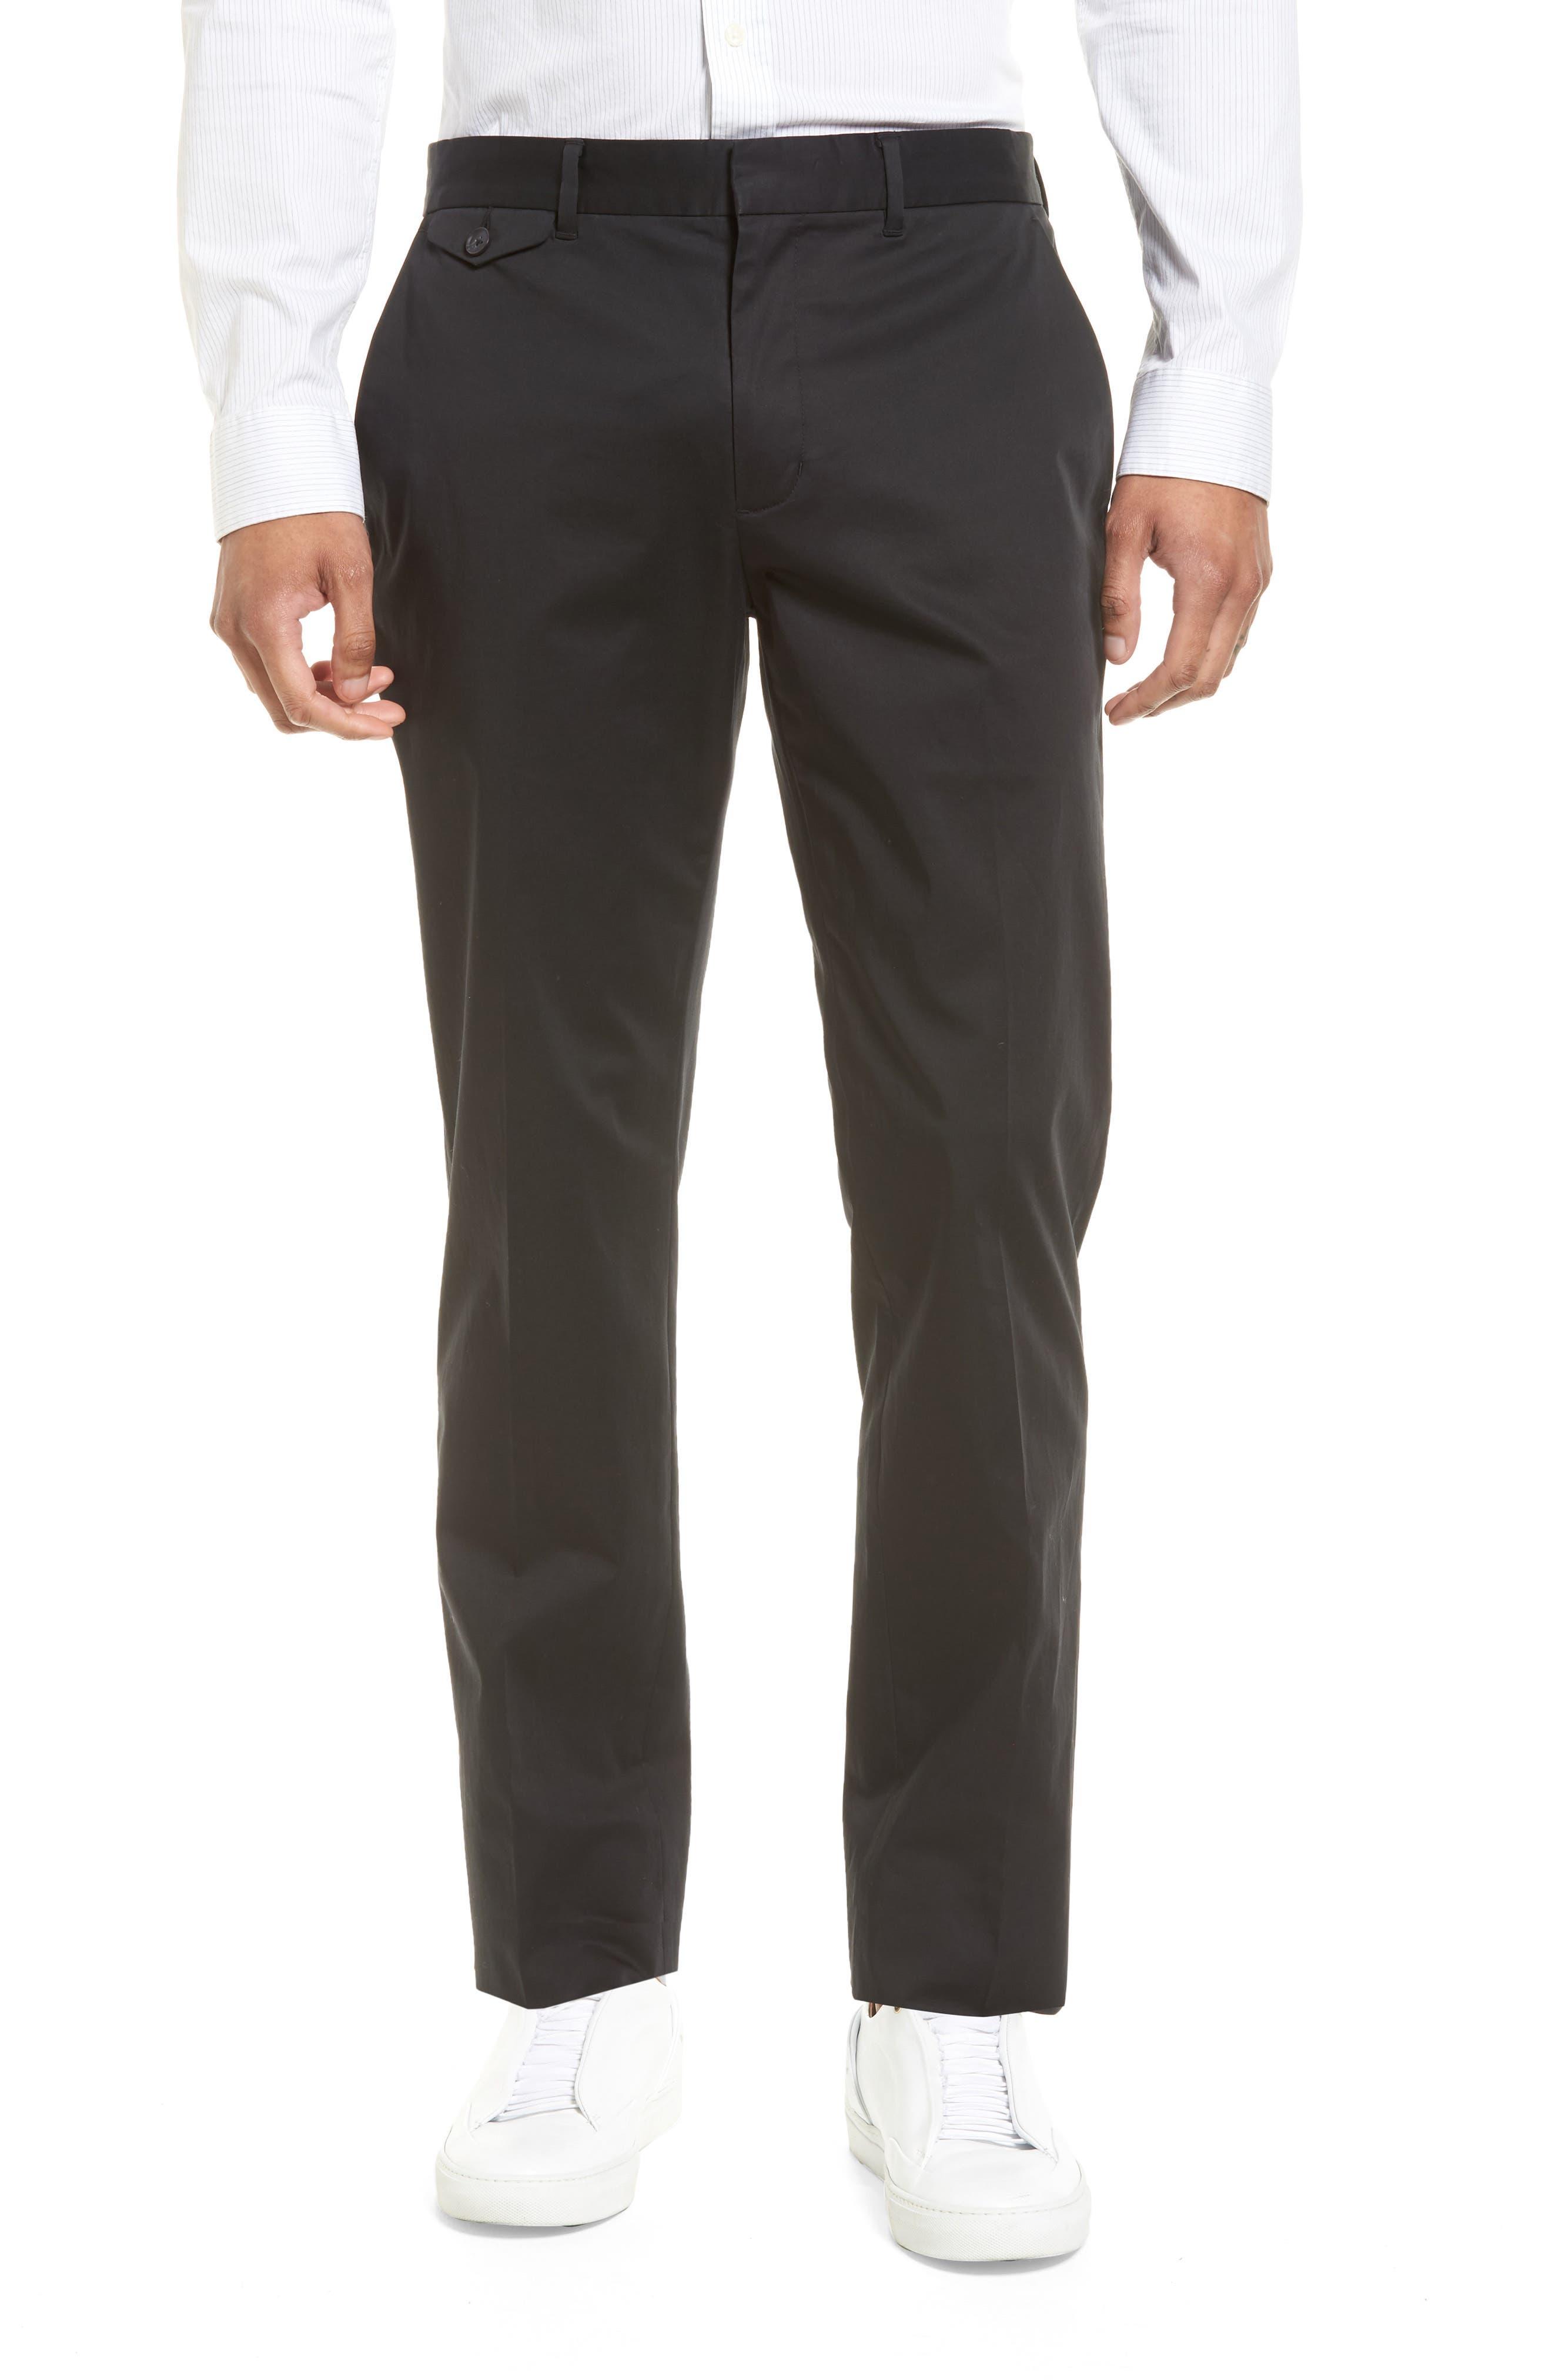 Officer Flat Front Chino Pants,                             Main thumbnail 1, color,                             001